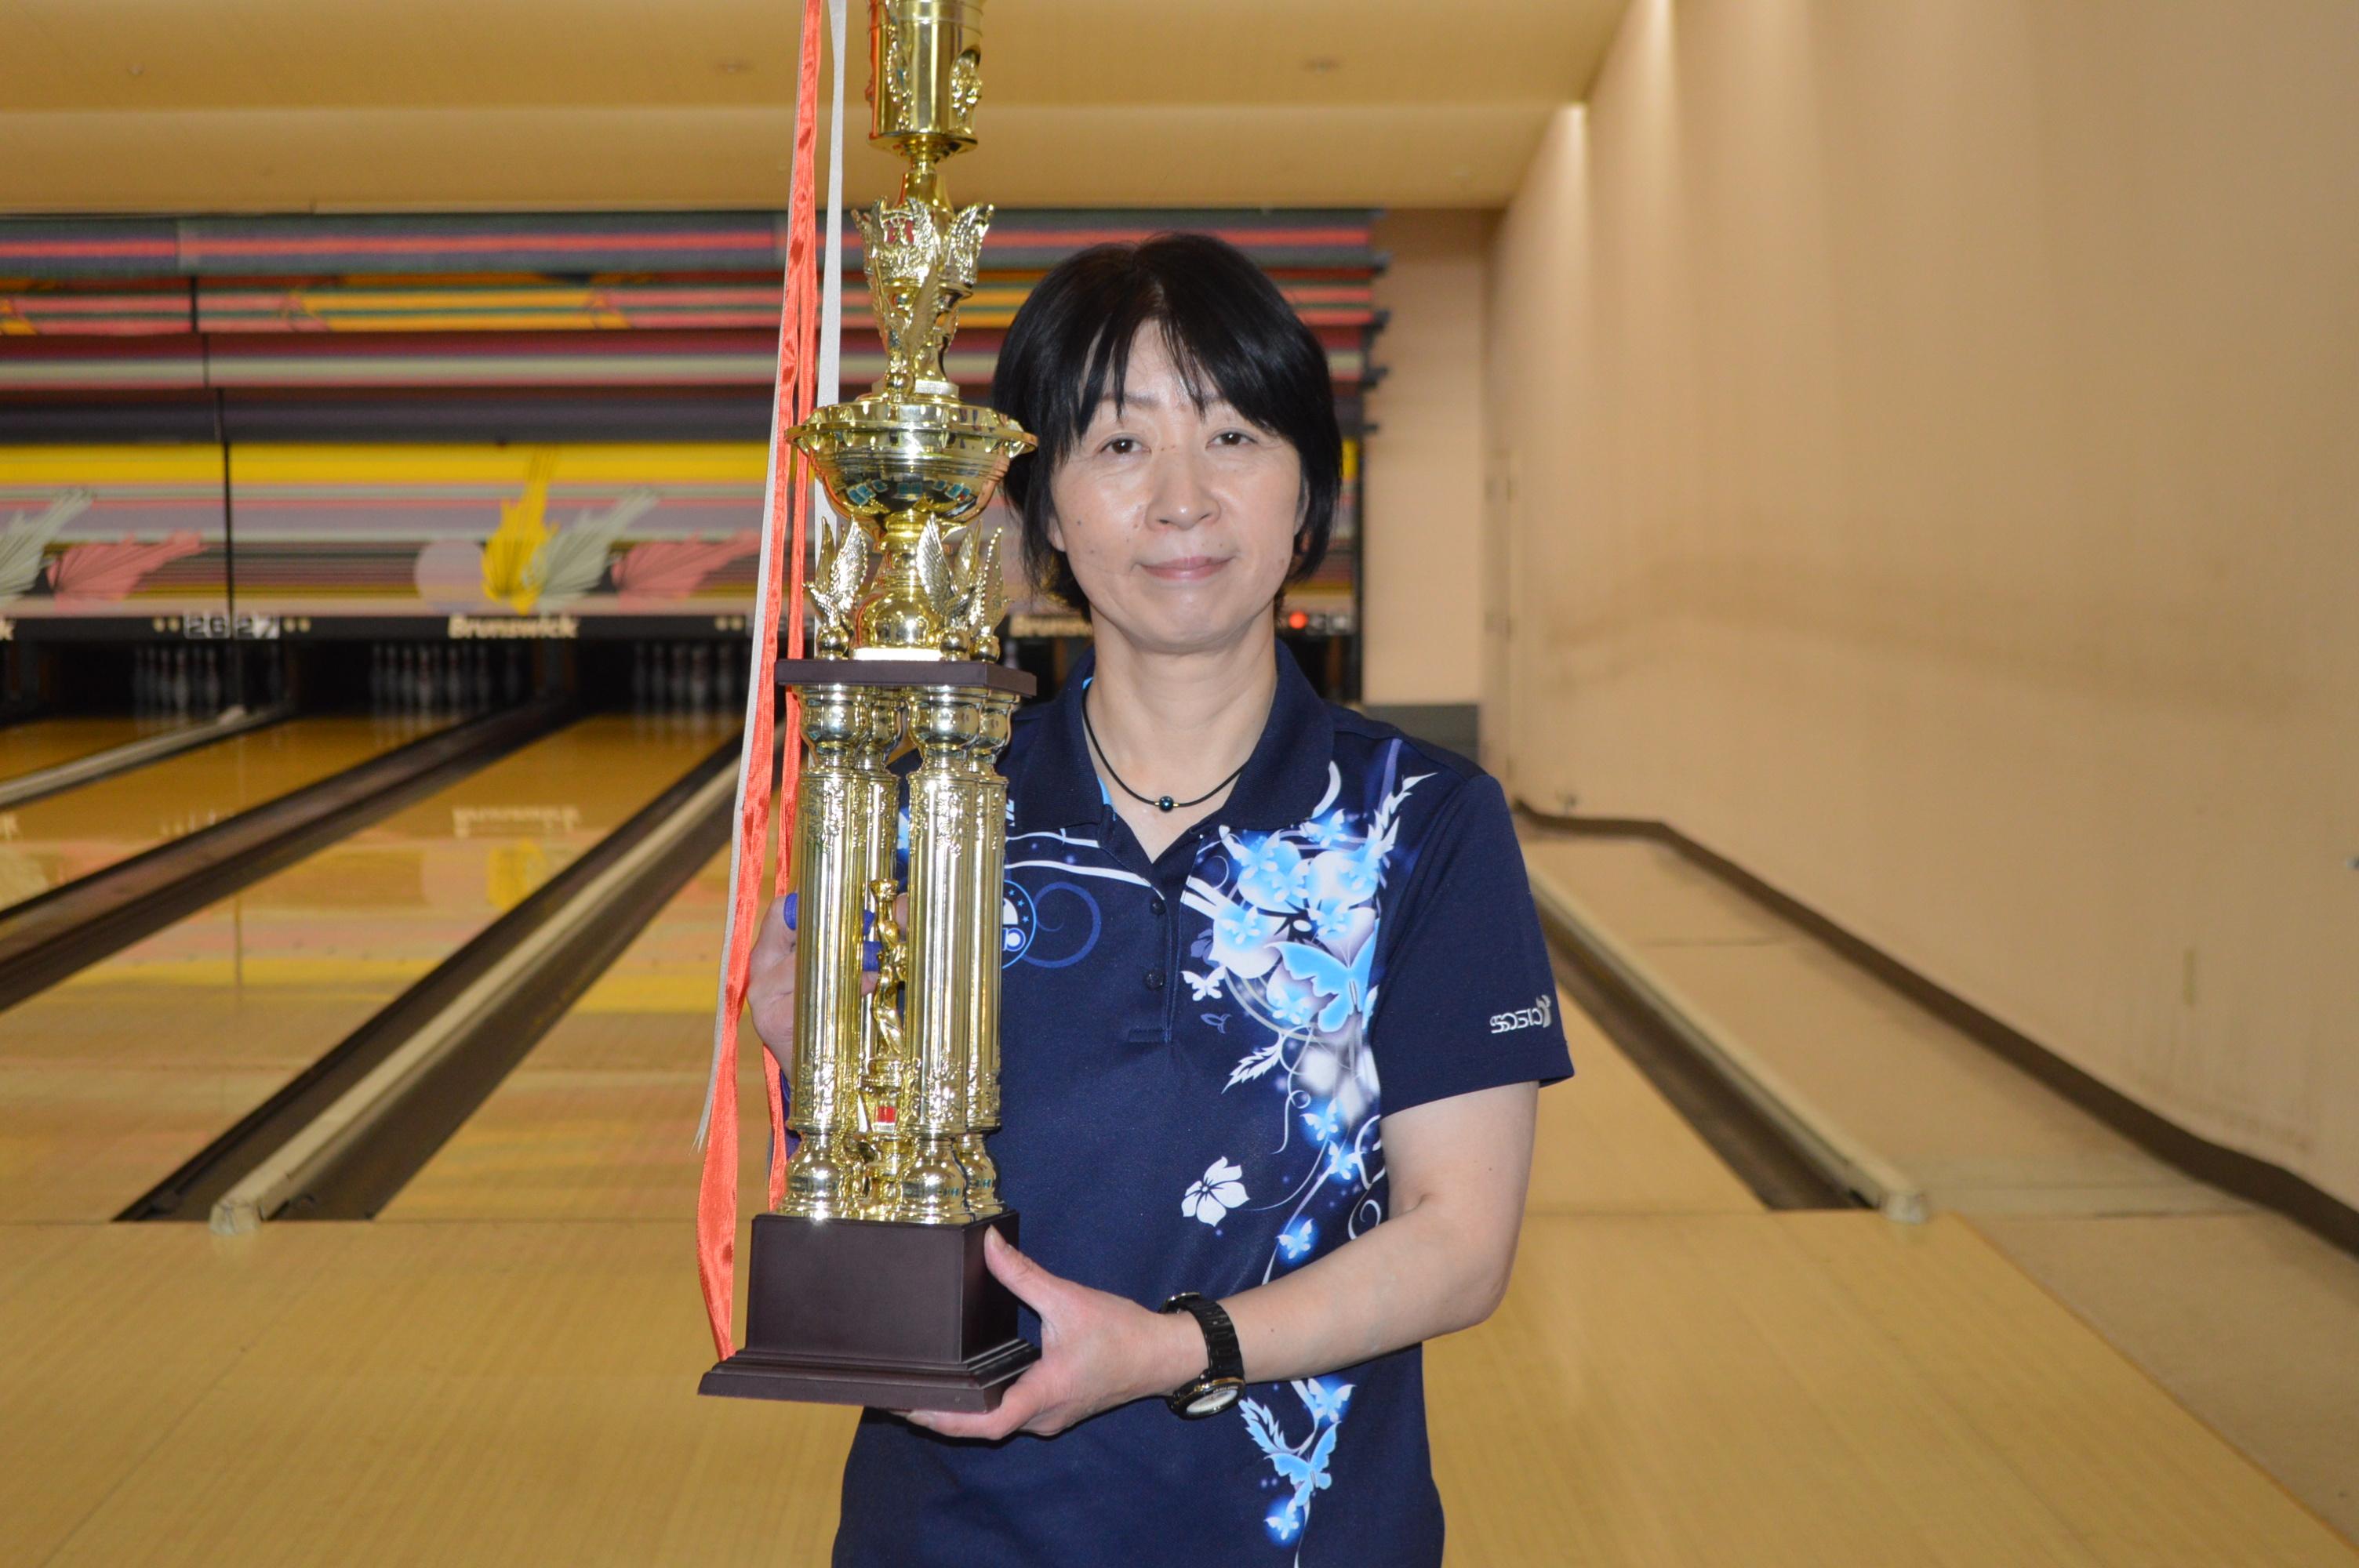 2月度マンスリーチャンピオン - 上田 弘子選手